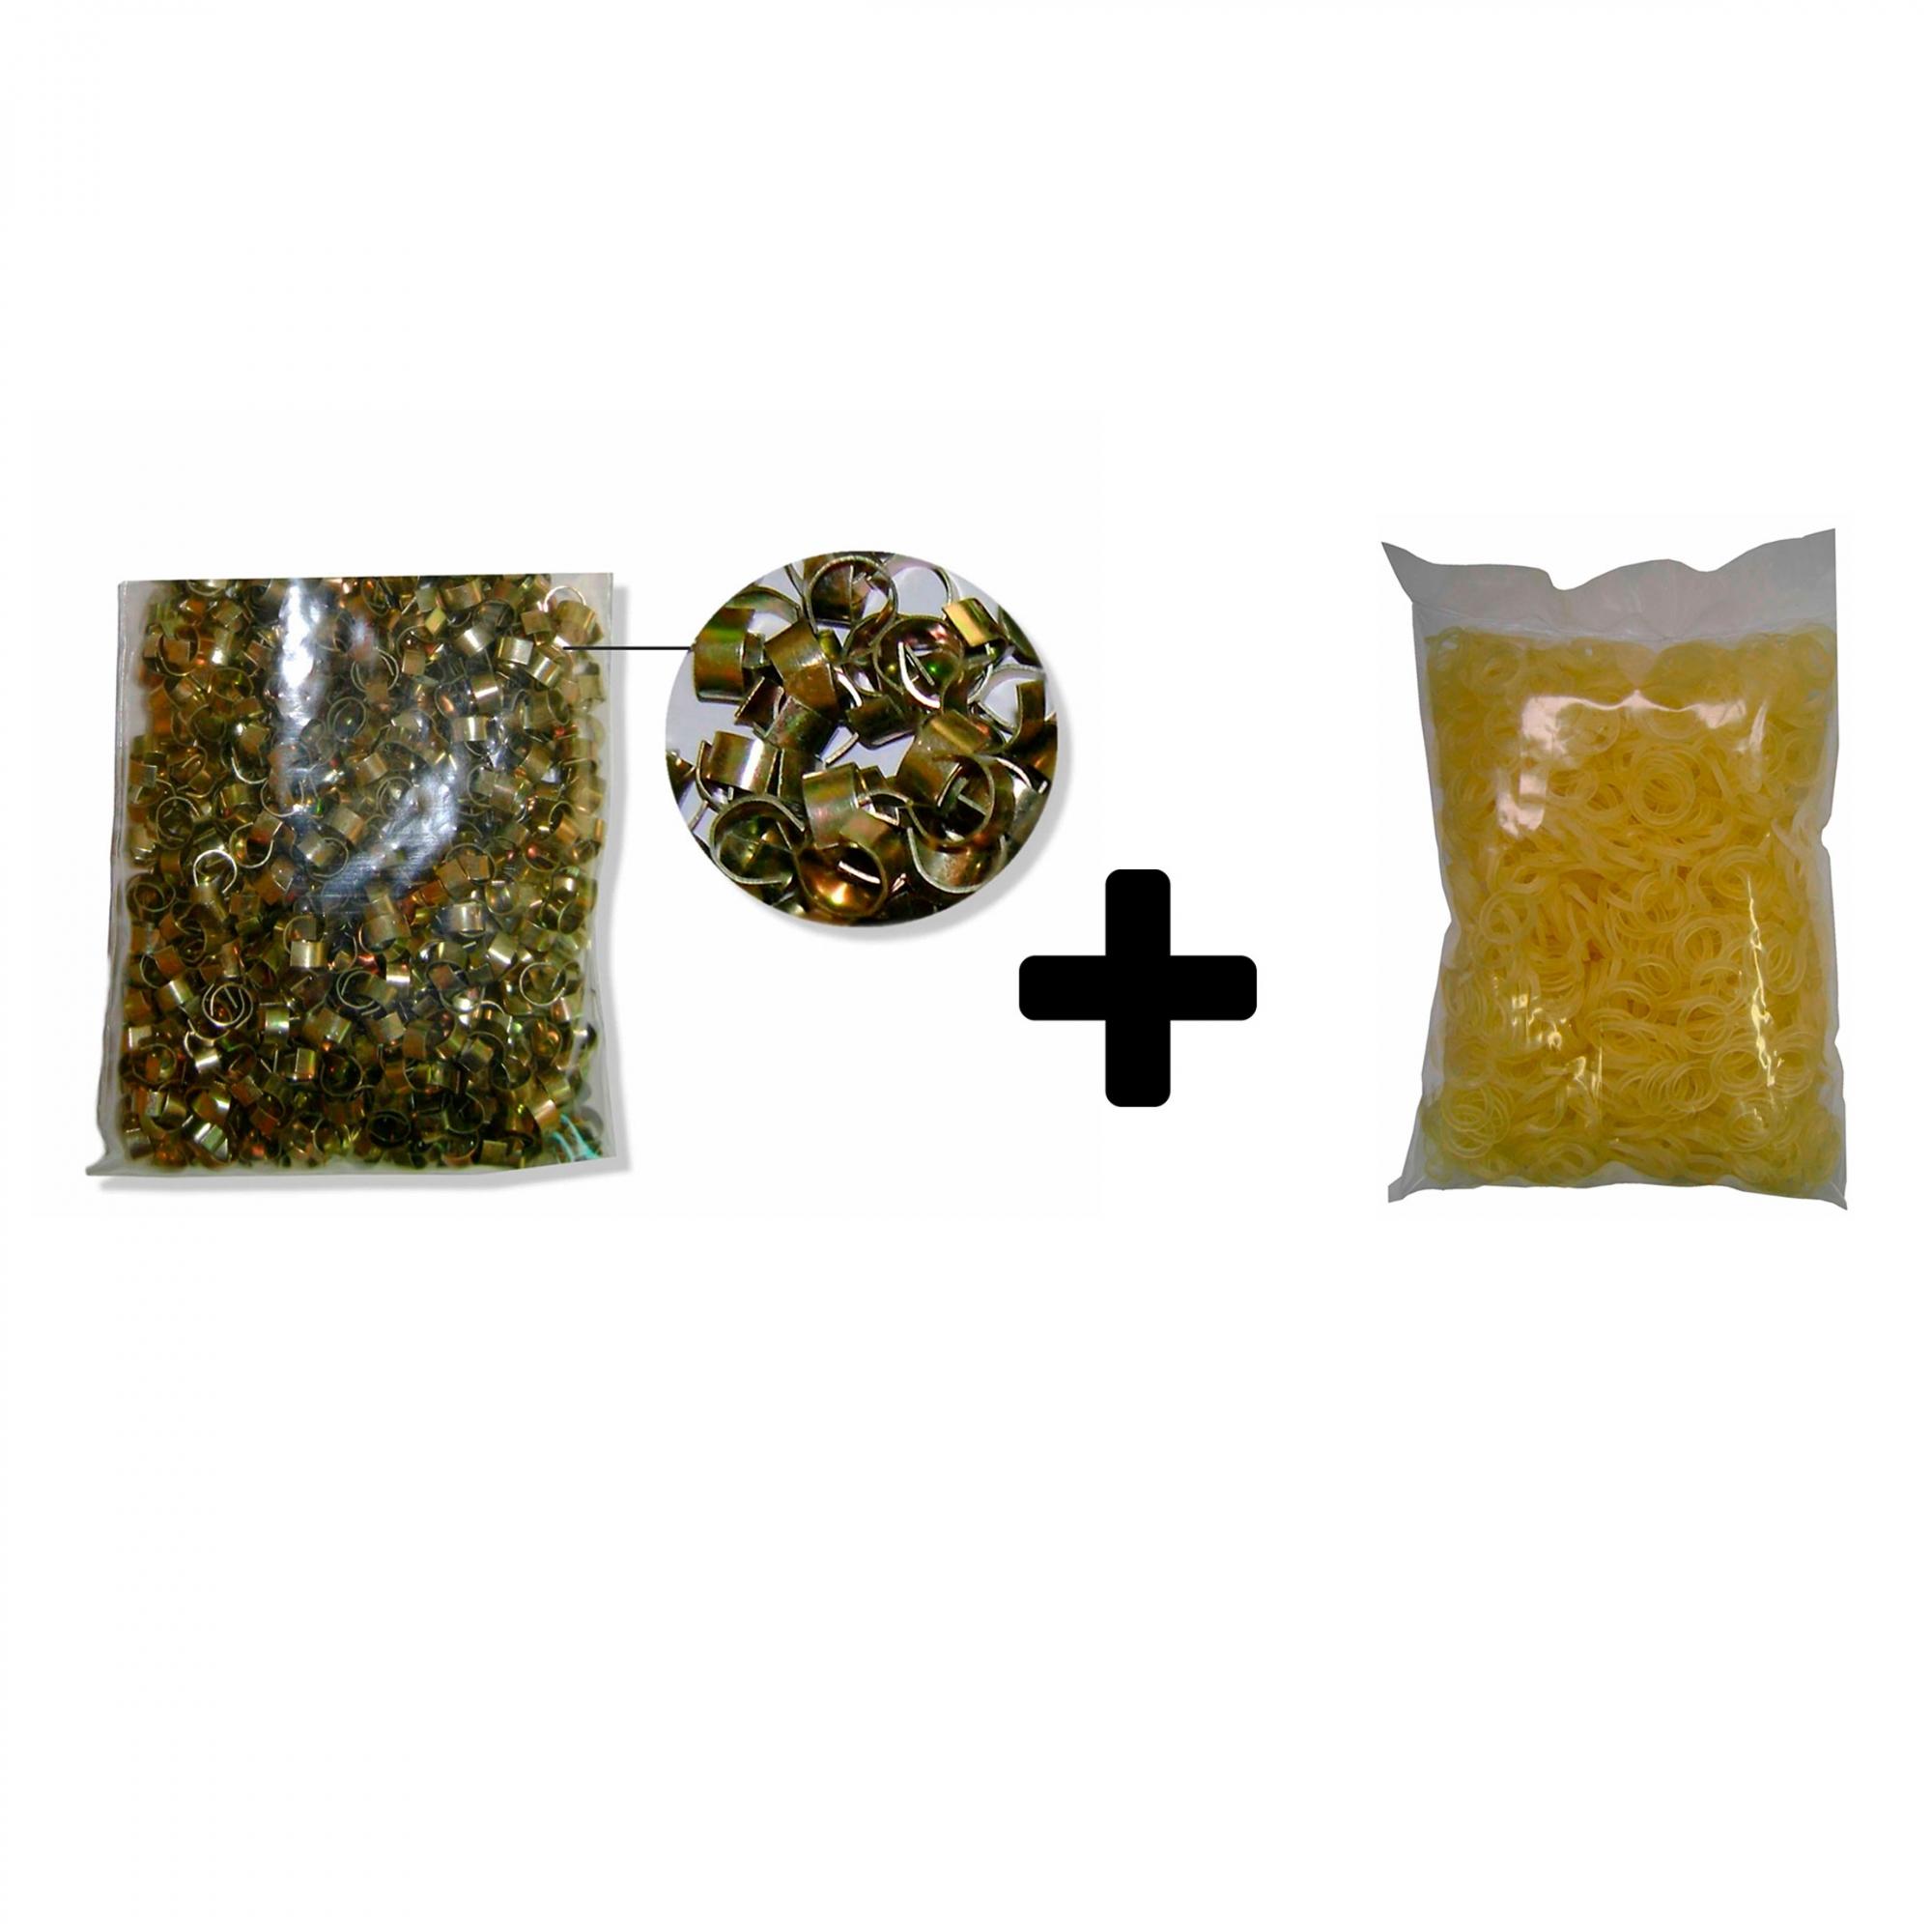 Kit anilha e elástico 5/16 para laços e gravatas Pet Pacote com 1000 unidades de cada